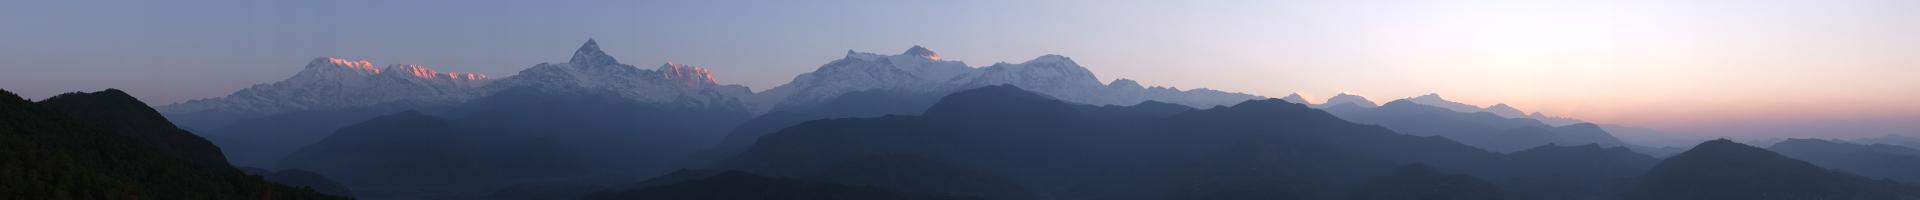 Nepal Direct - gemeinnütziger Verein (NPO)